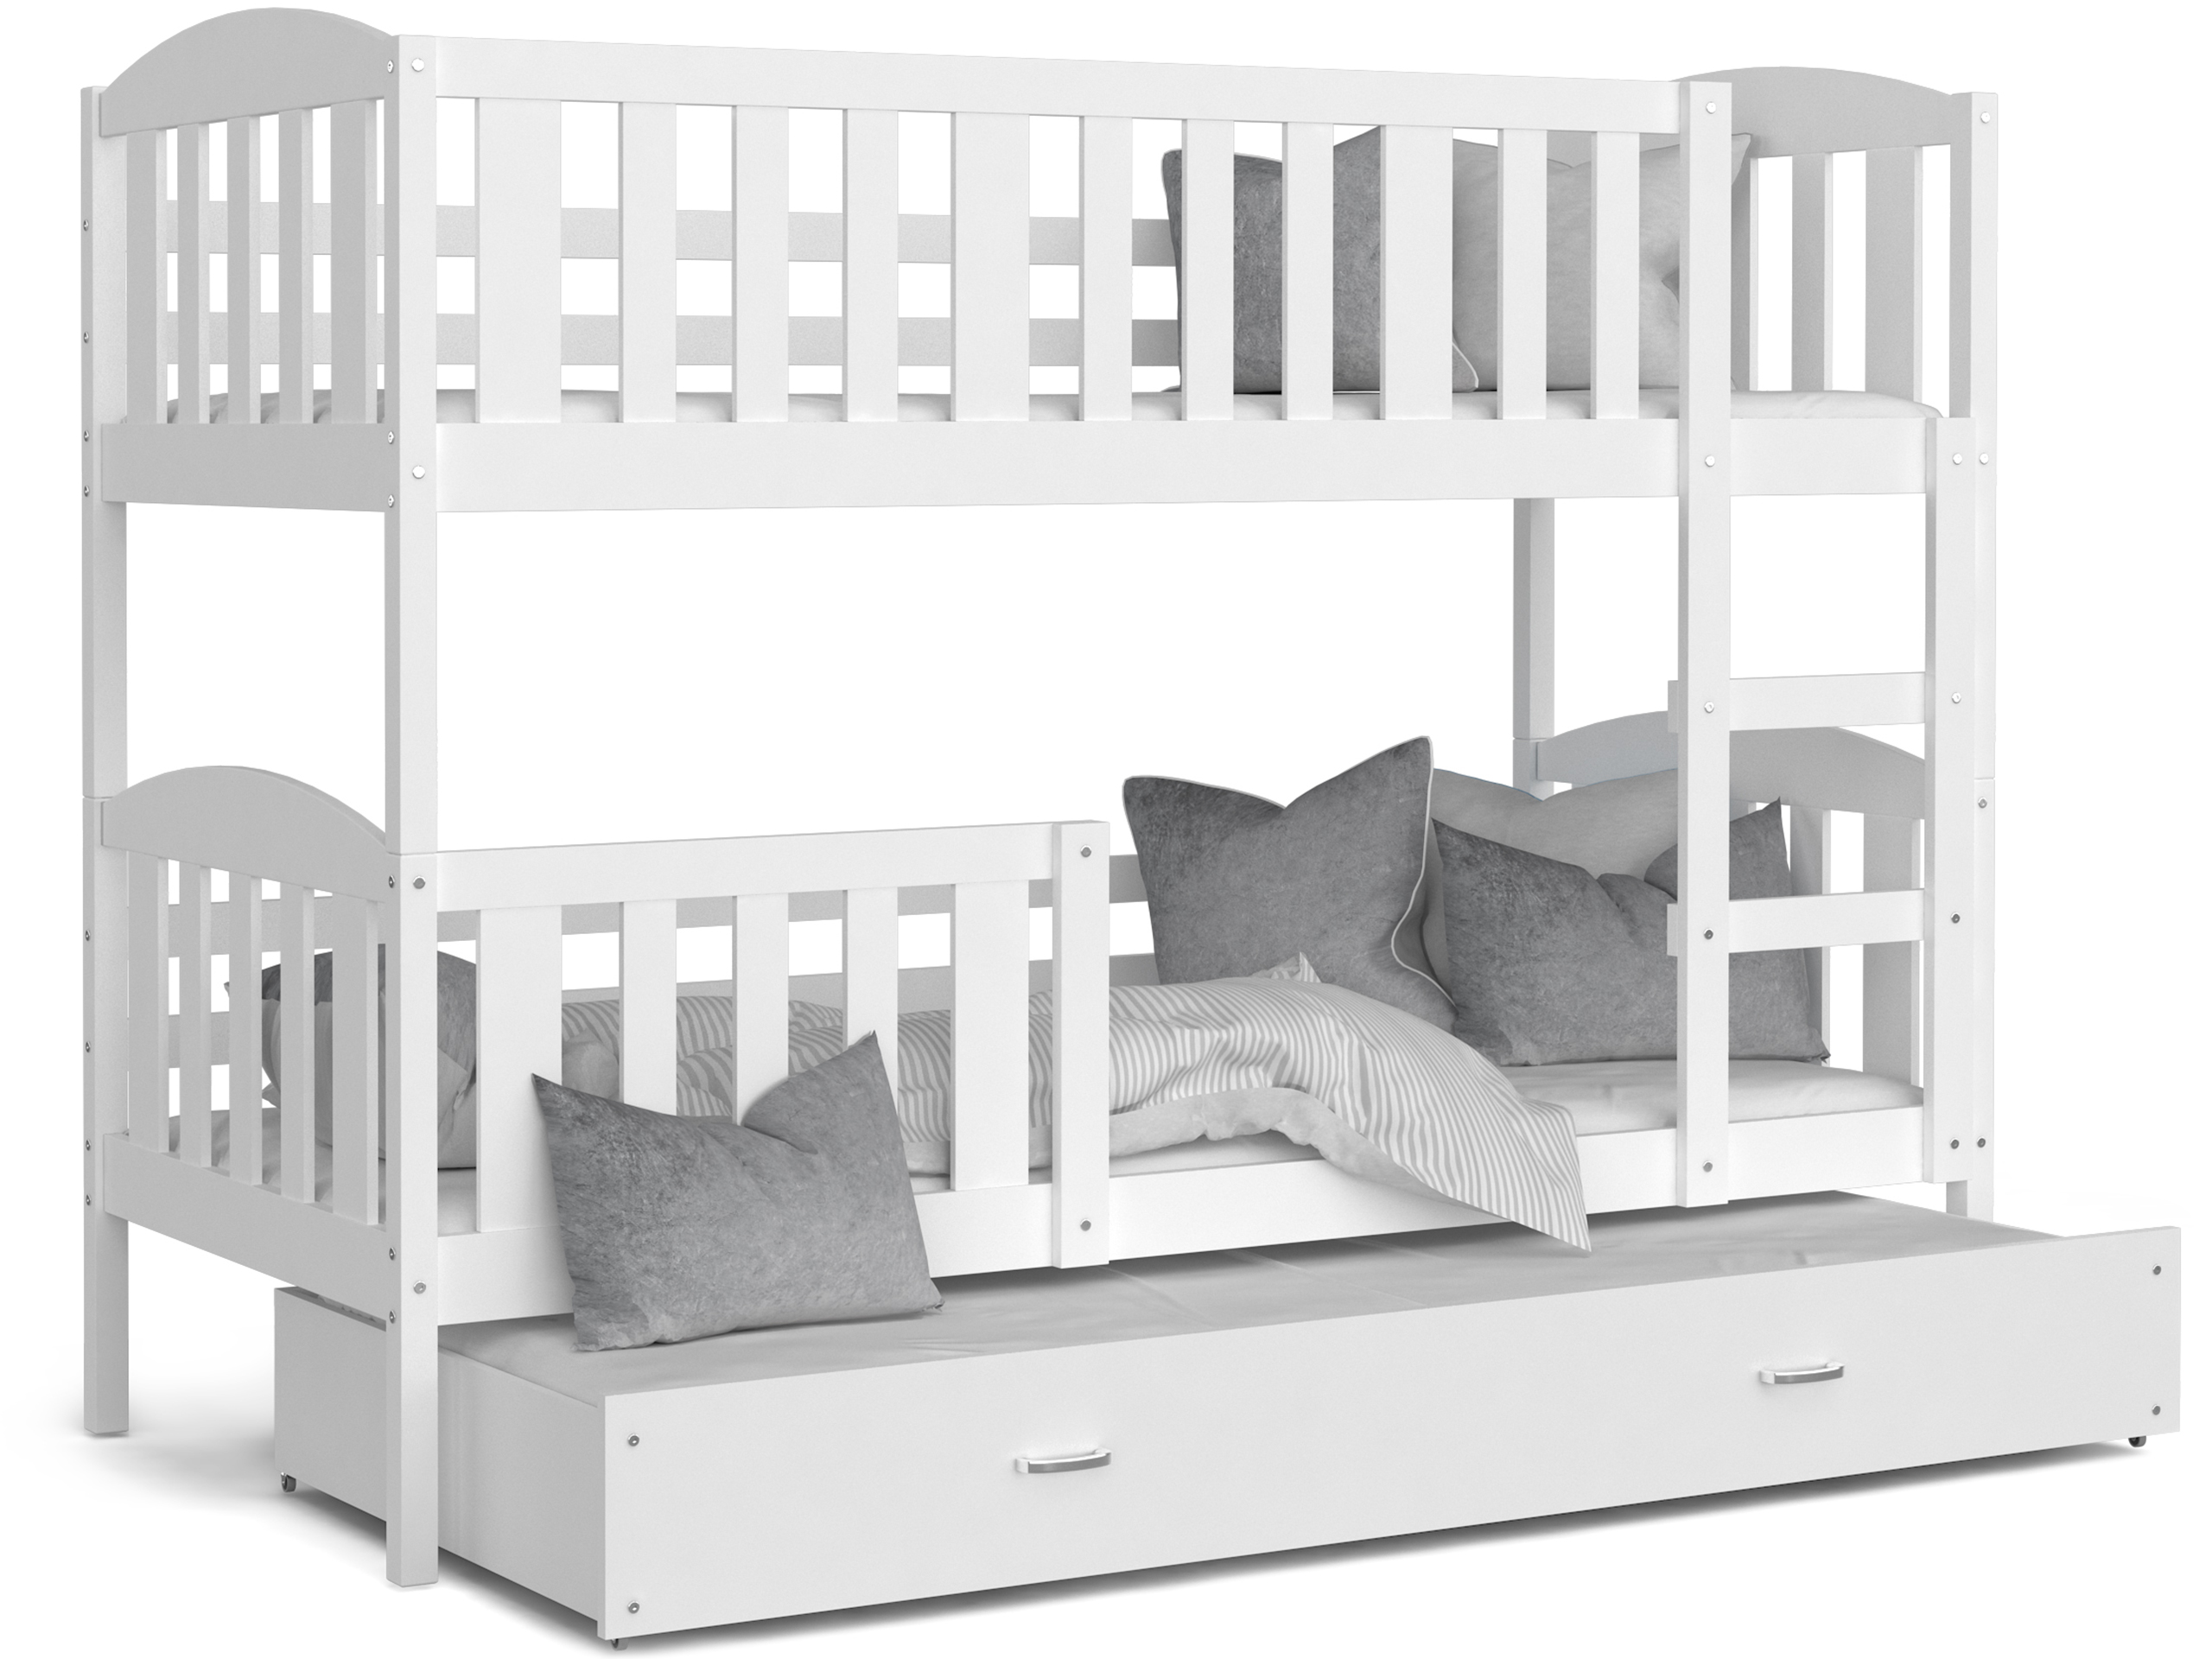 ArtAJ Detská poschodová posteľ Kubuš 3 | 190 x 80 cm Farba: Biela / biela, Prevedenie: bez matraca, Rozmer.: MDF